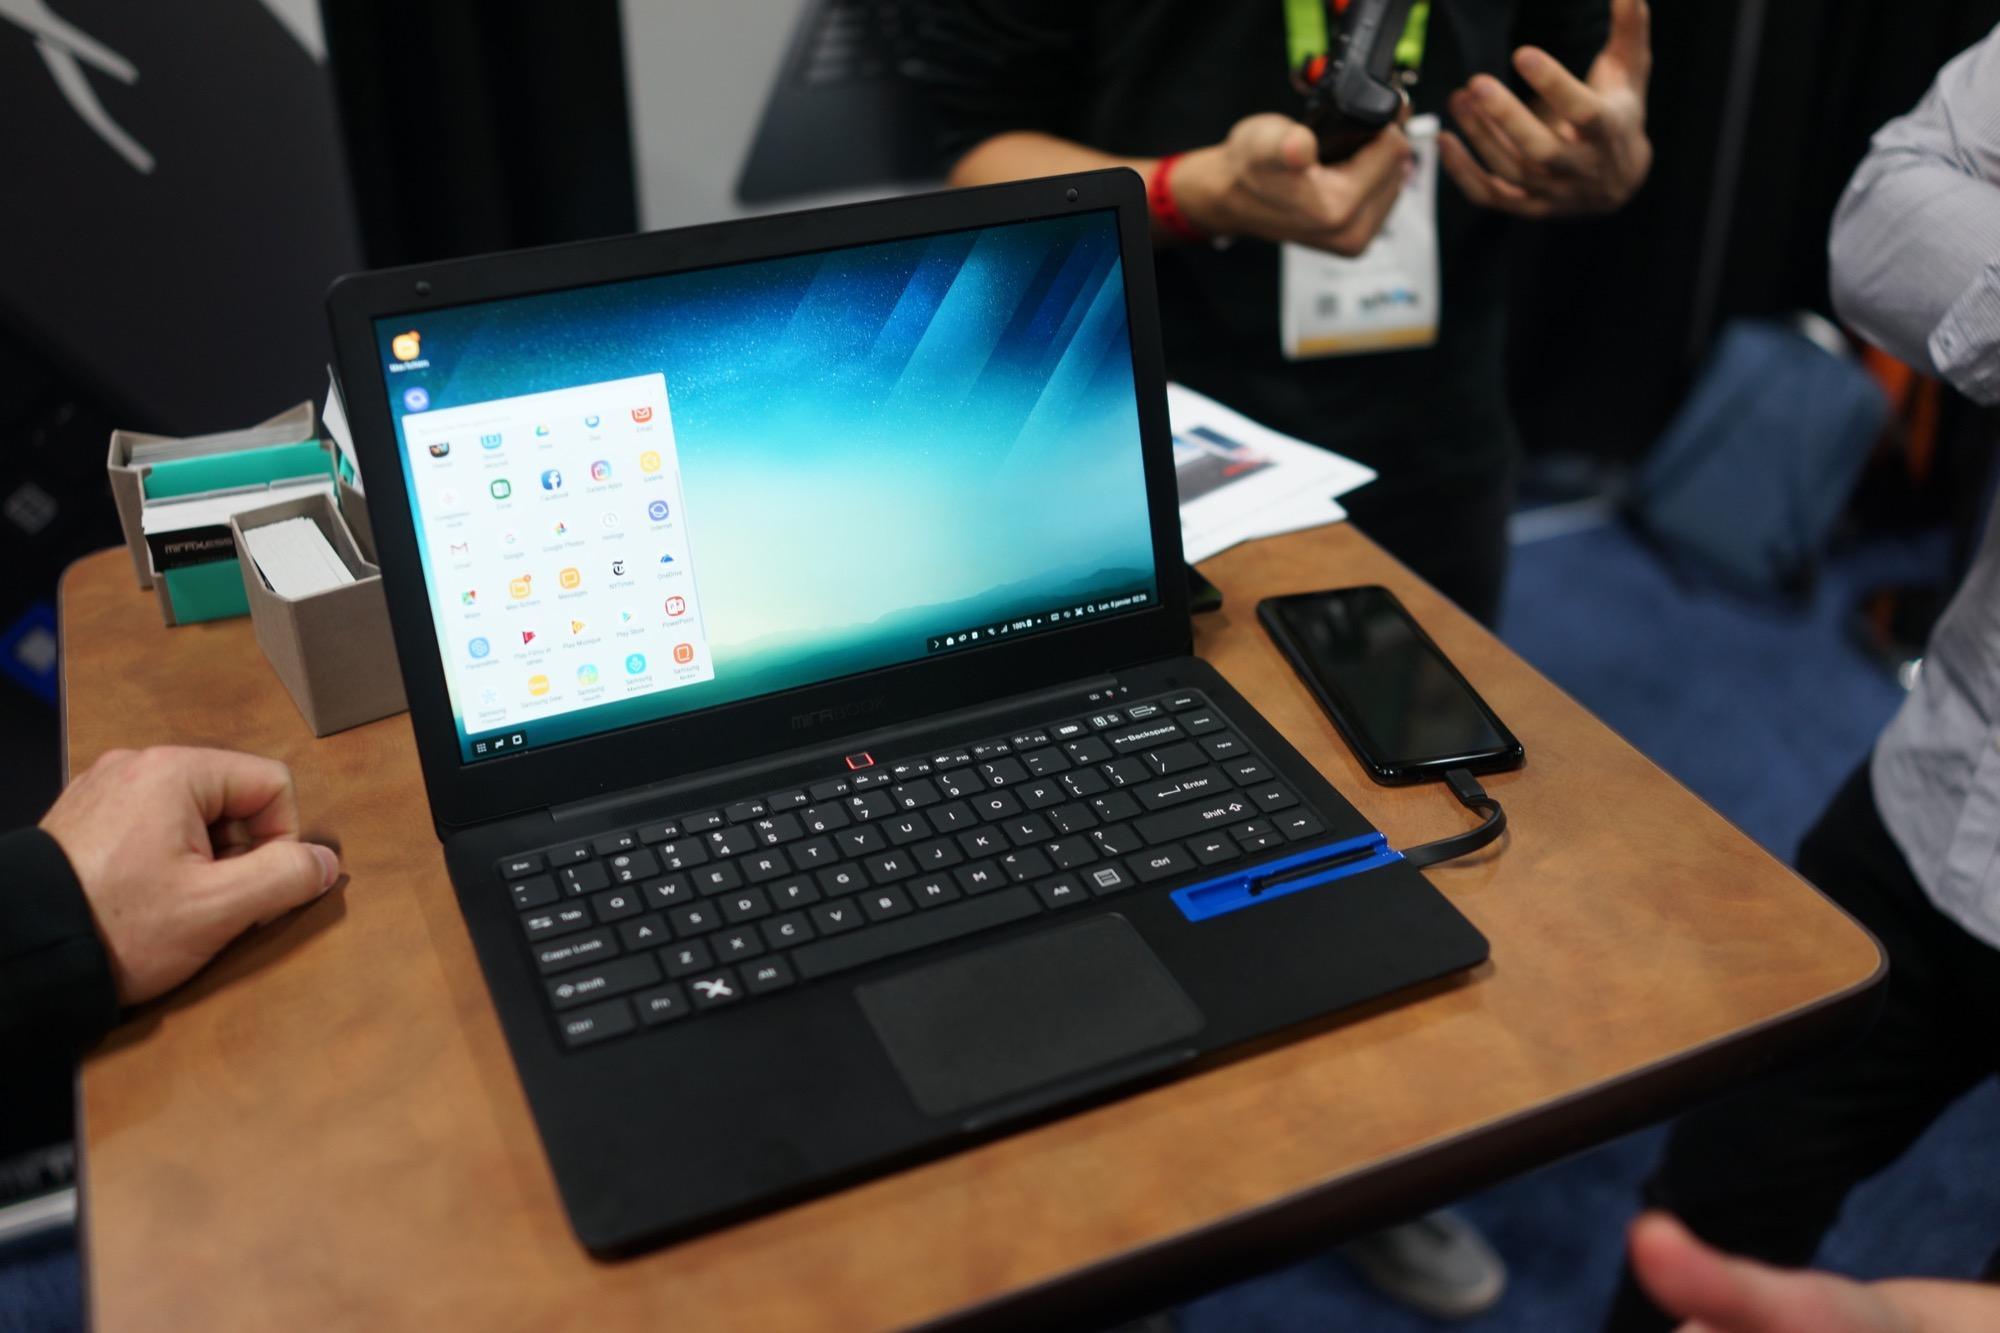 Mirabook : il est prêt pour accompagner le mode PC de votre Galaxy S8 / Note 8 et votre Mate 10 Pro